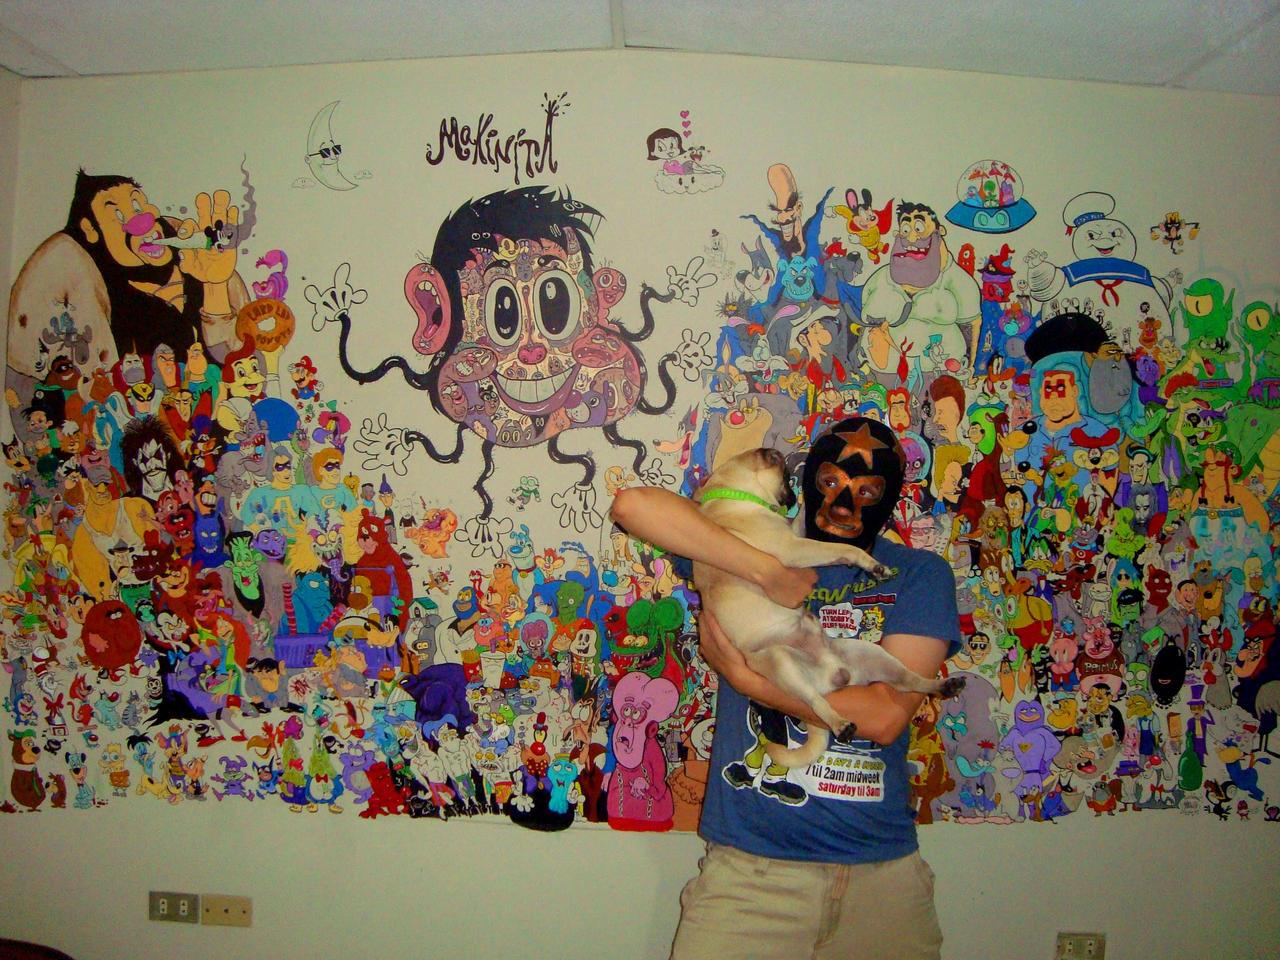 me mural and pug by Makinita